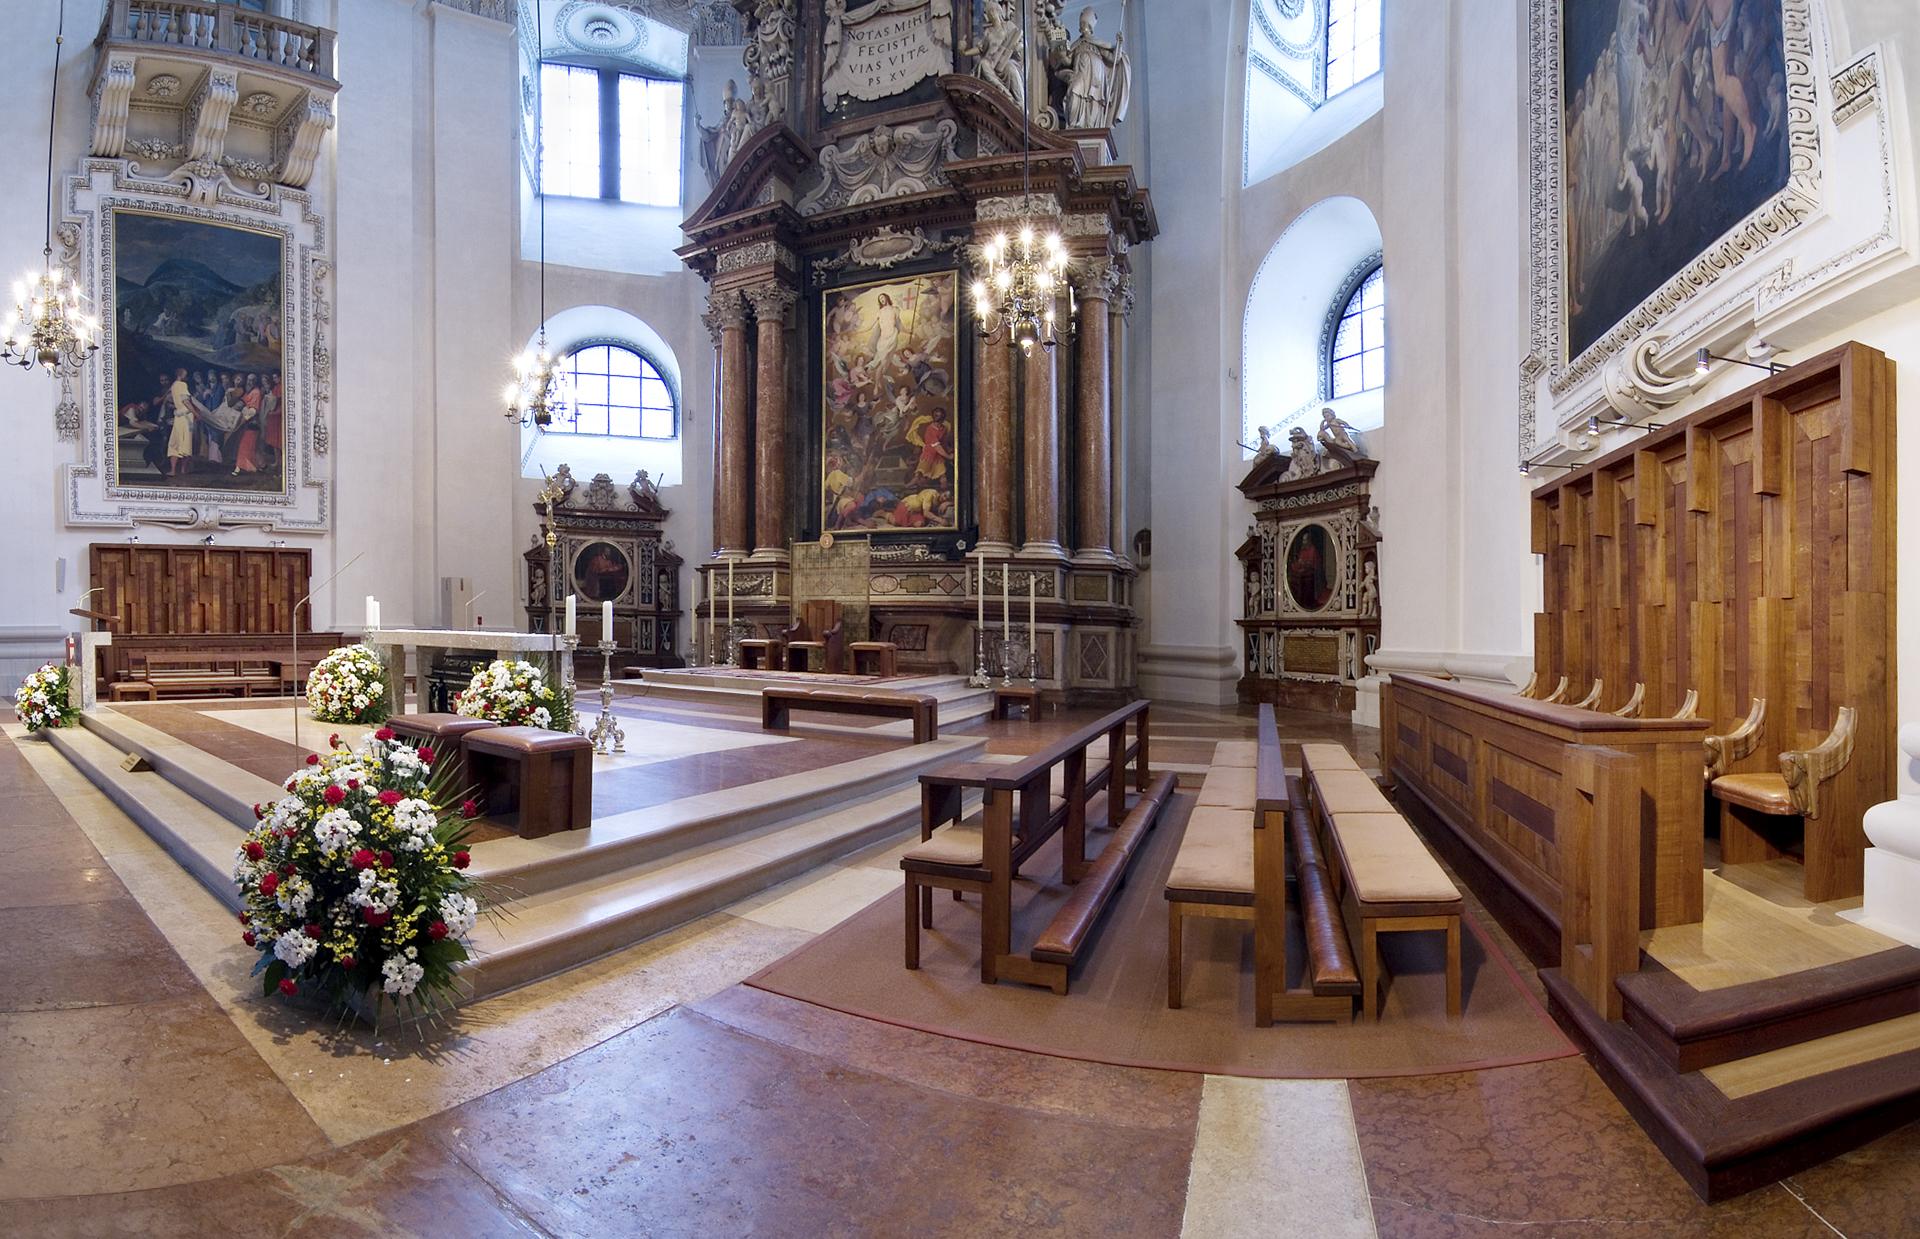 tischlerei-decker-dom-salzburg-chorstuhl-uebersicht